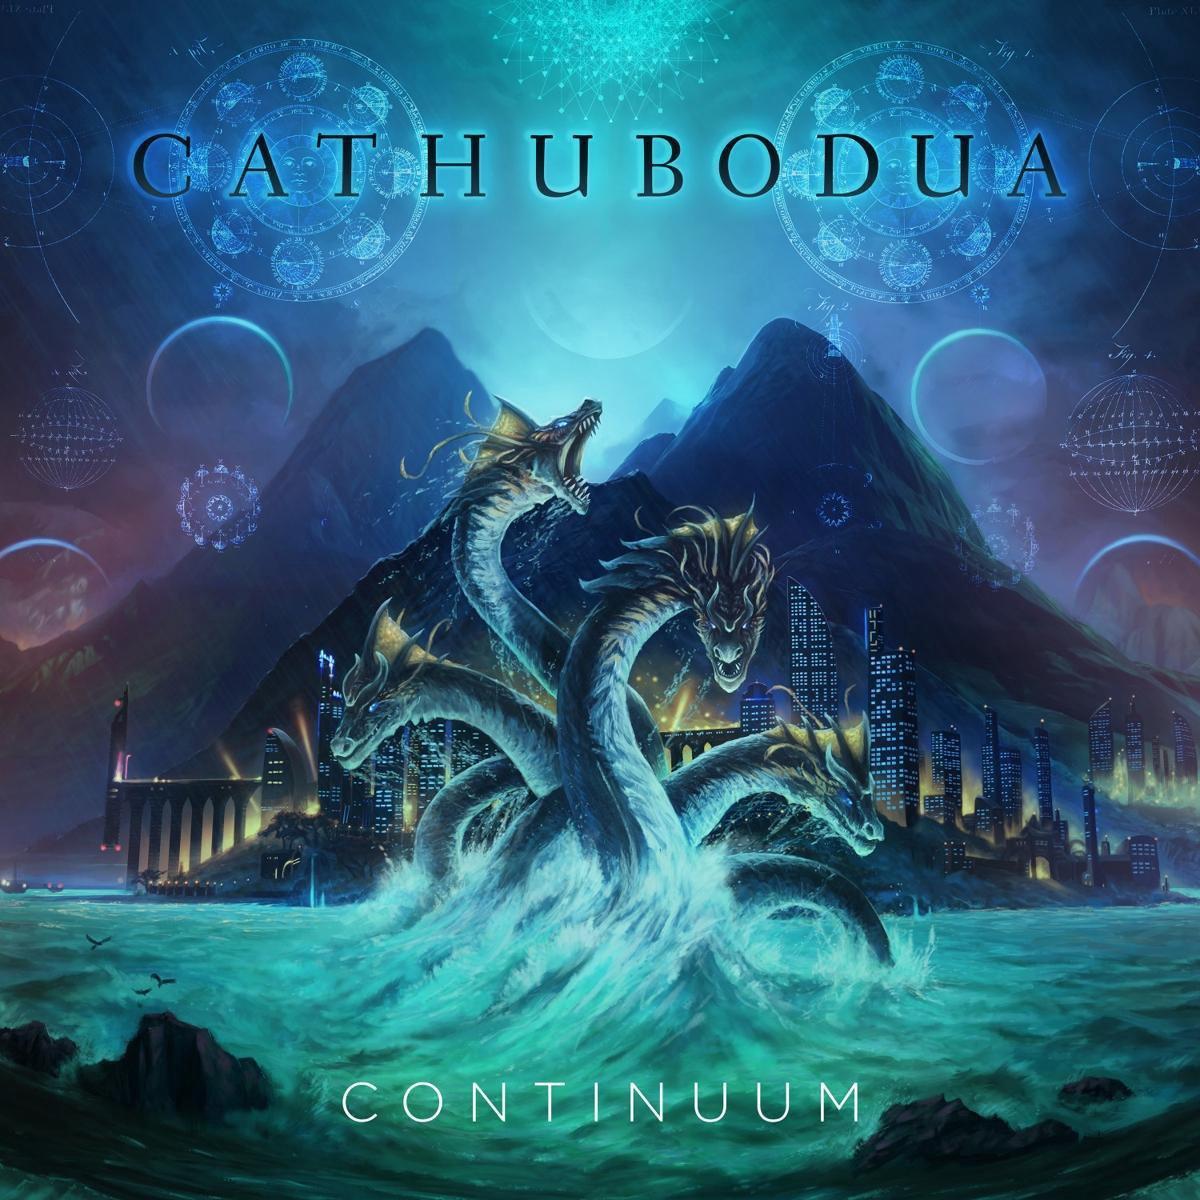 cathubodua continuum album cover